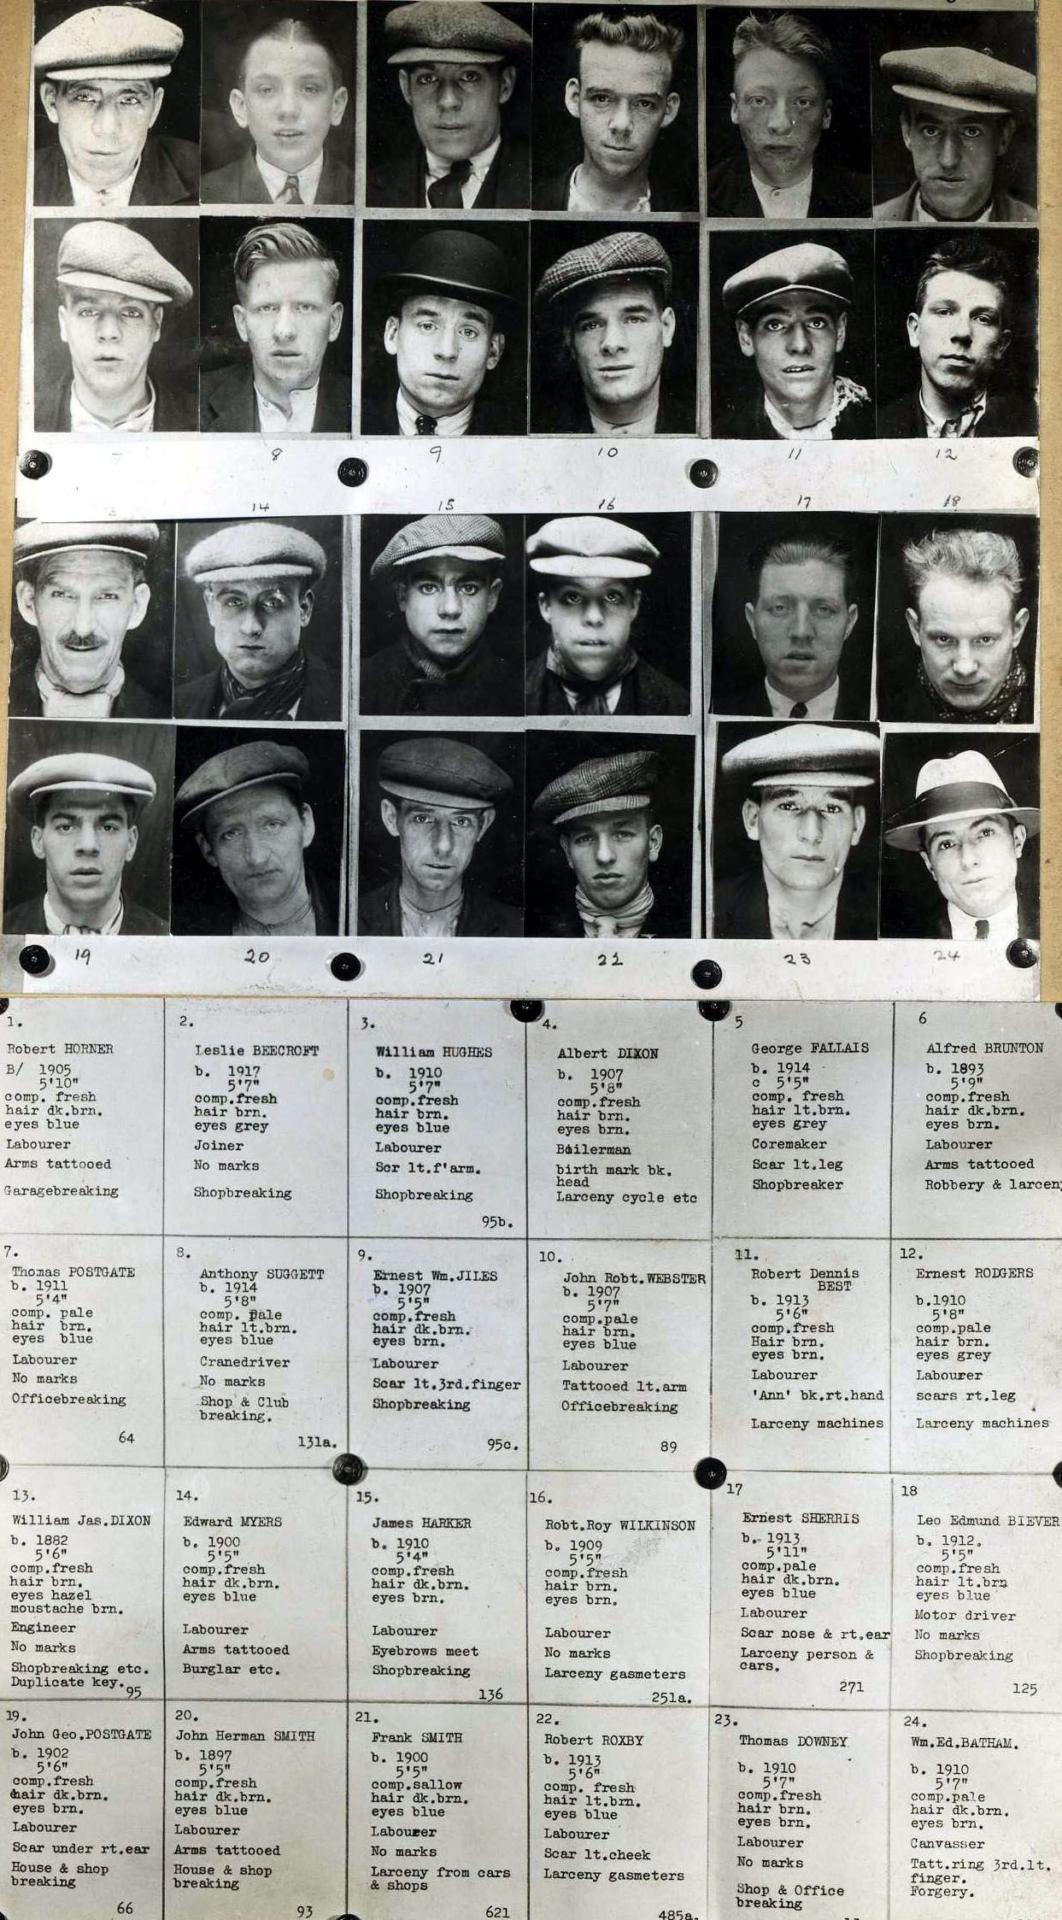 1930's Mug Shot Book